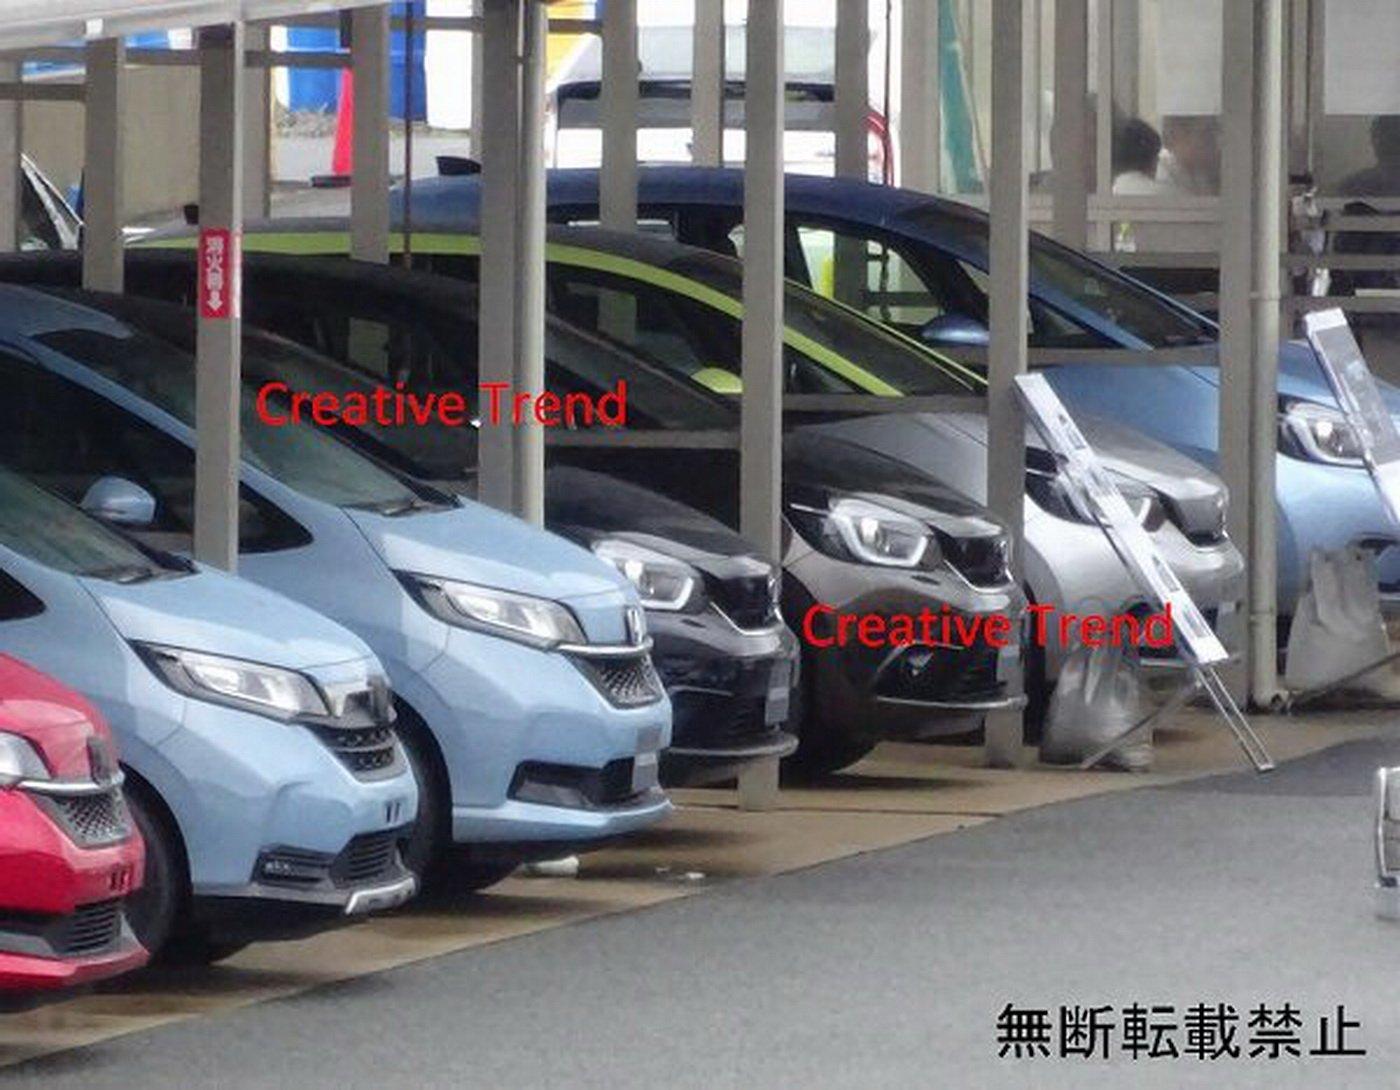 Những hình ảnh mới được hé lộ của Honda Jazz / Fit 2020 trước thềm Tokyo Motor Show 2020